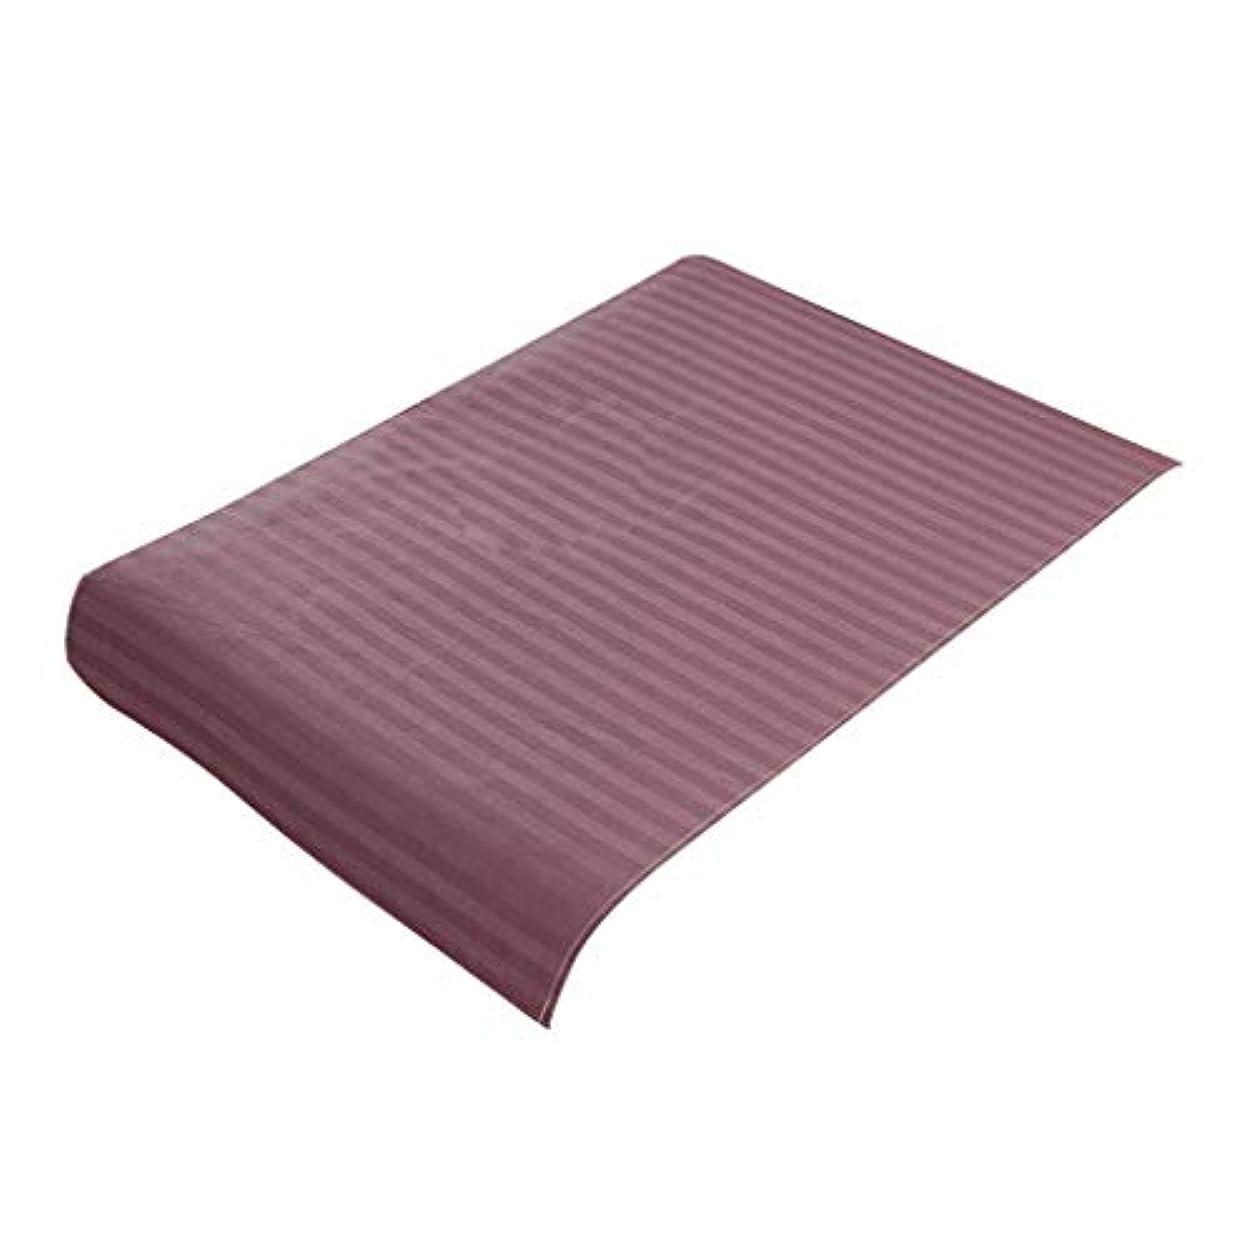 処方する笑い条件付きFLAMEER 美容ベッドカバー マッサージ台スカート コットン生地 スパ マッサージベッドカバー 全7色 - 紫